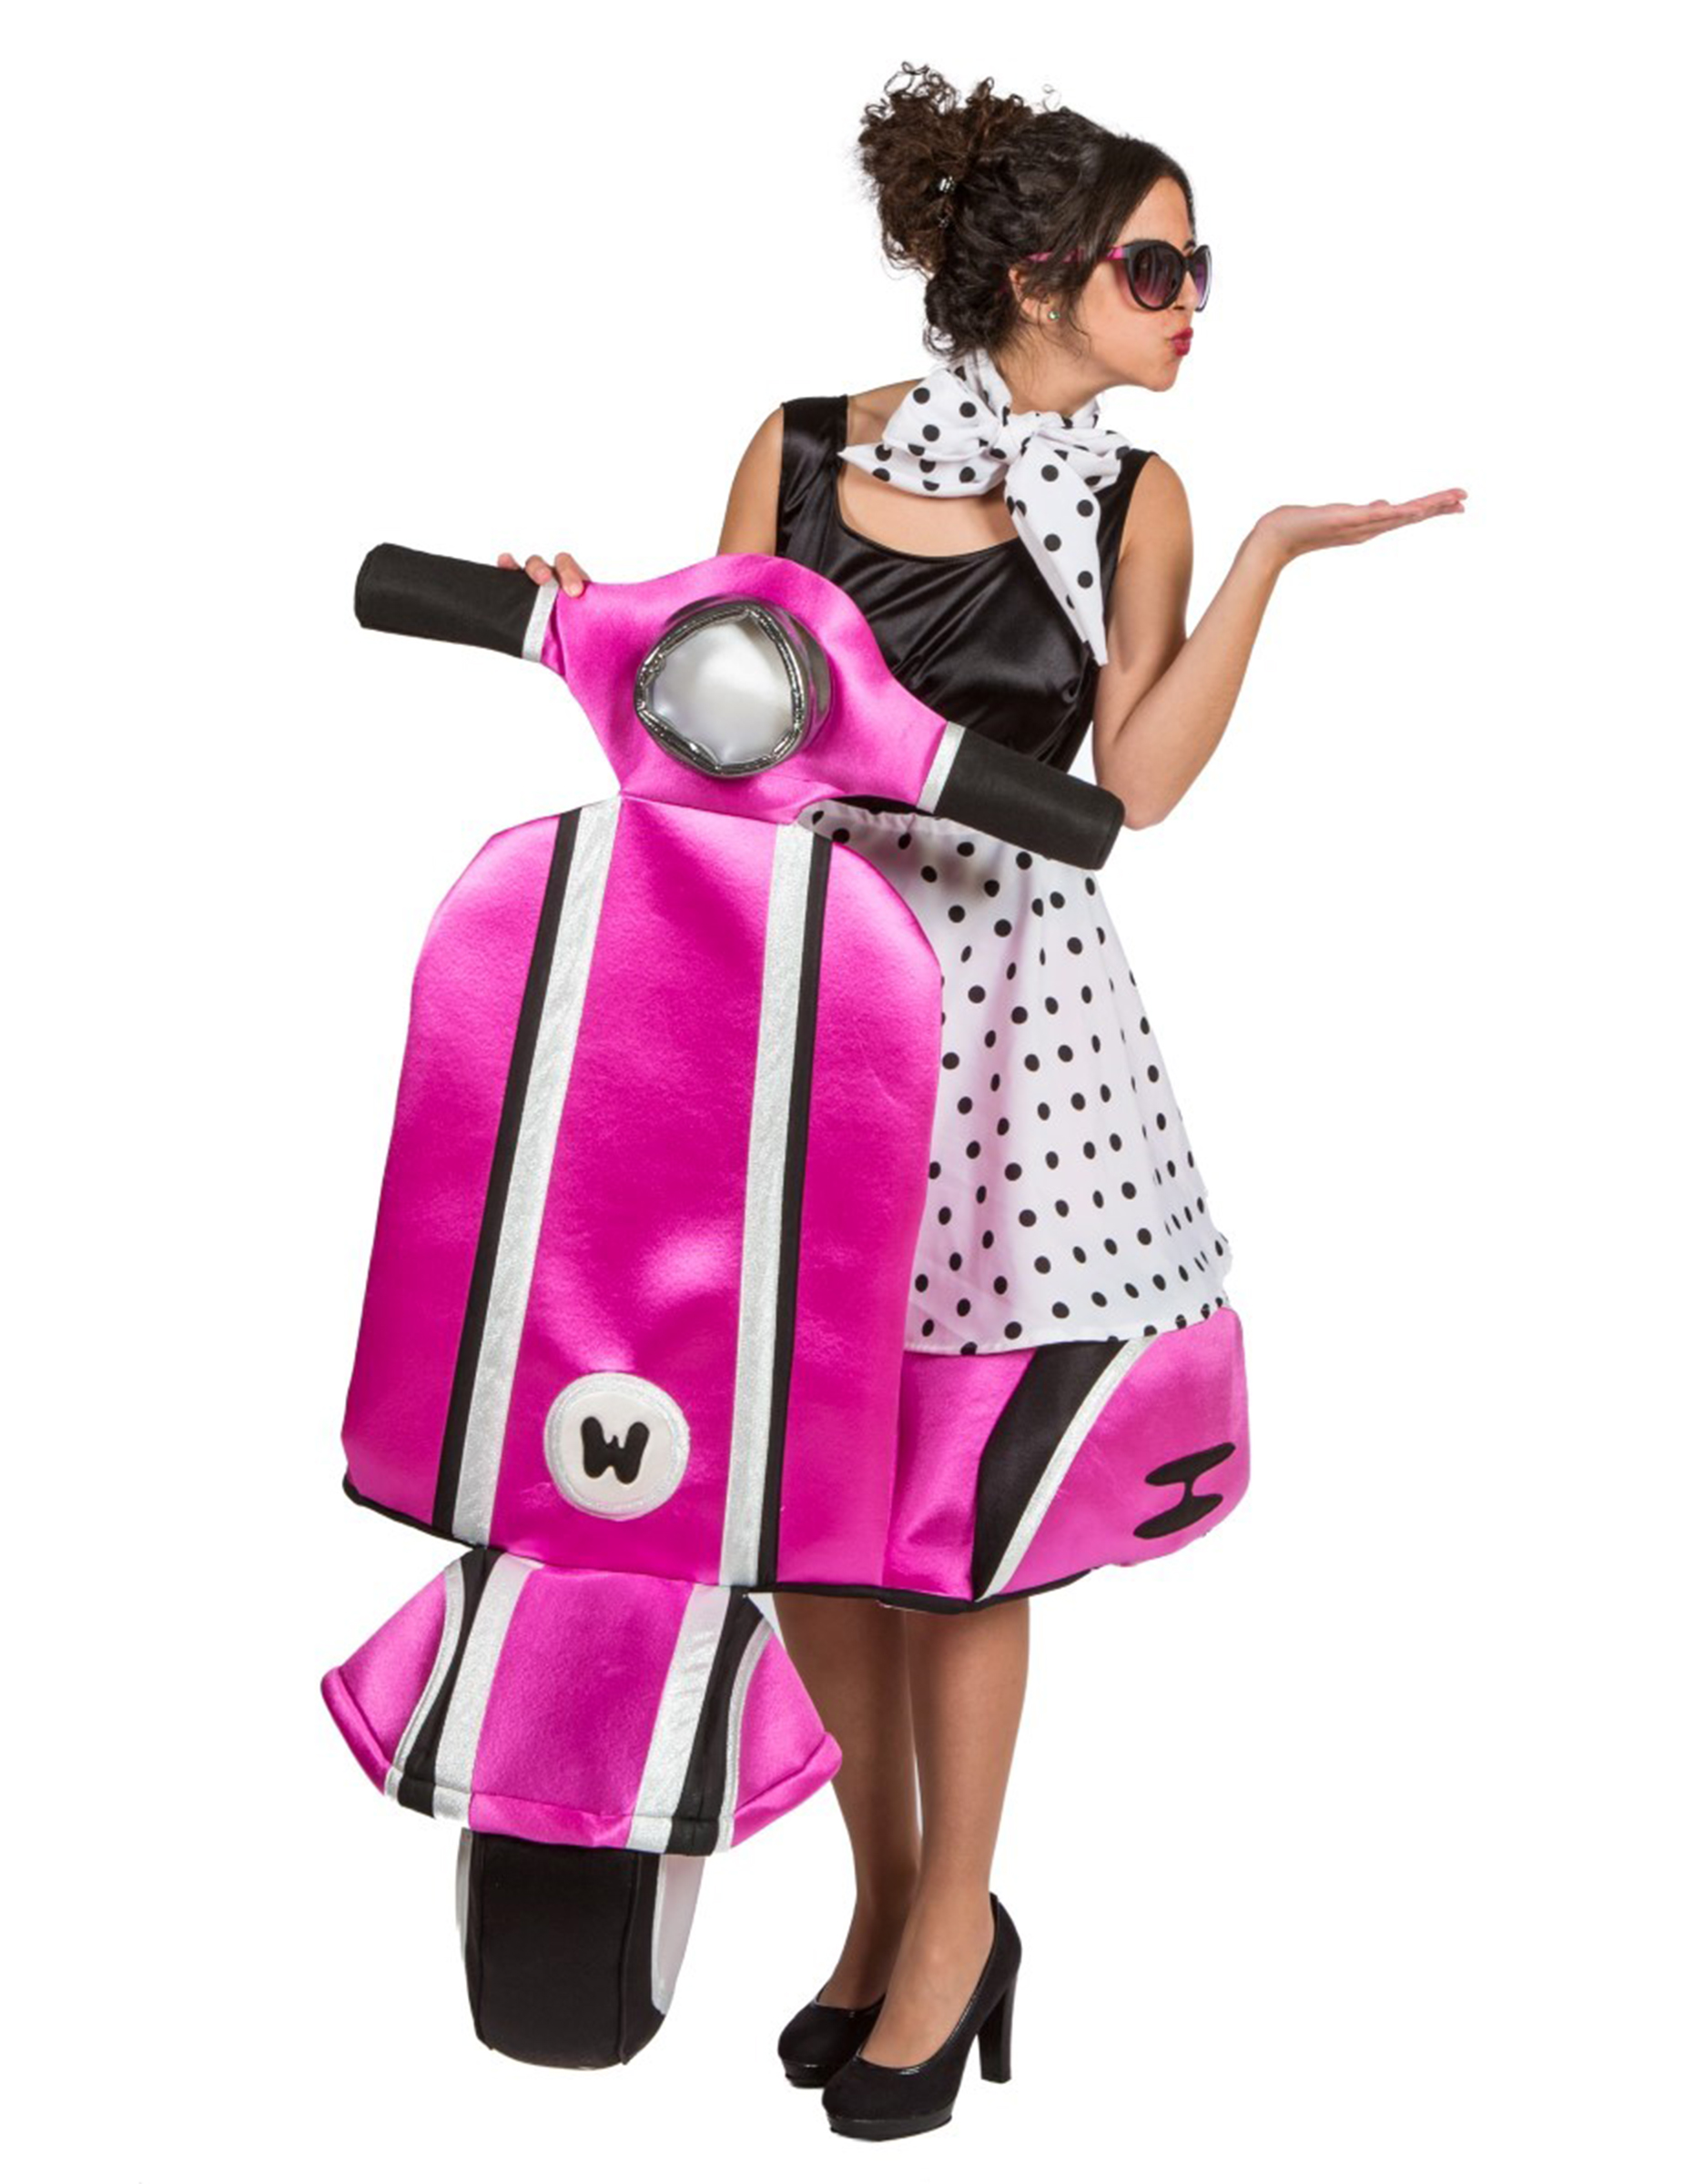 a3bf6a6d1c6cc Costume Vespa anni 60 donna - Premium  Costumi adulti